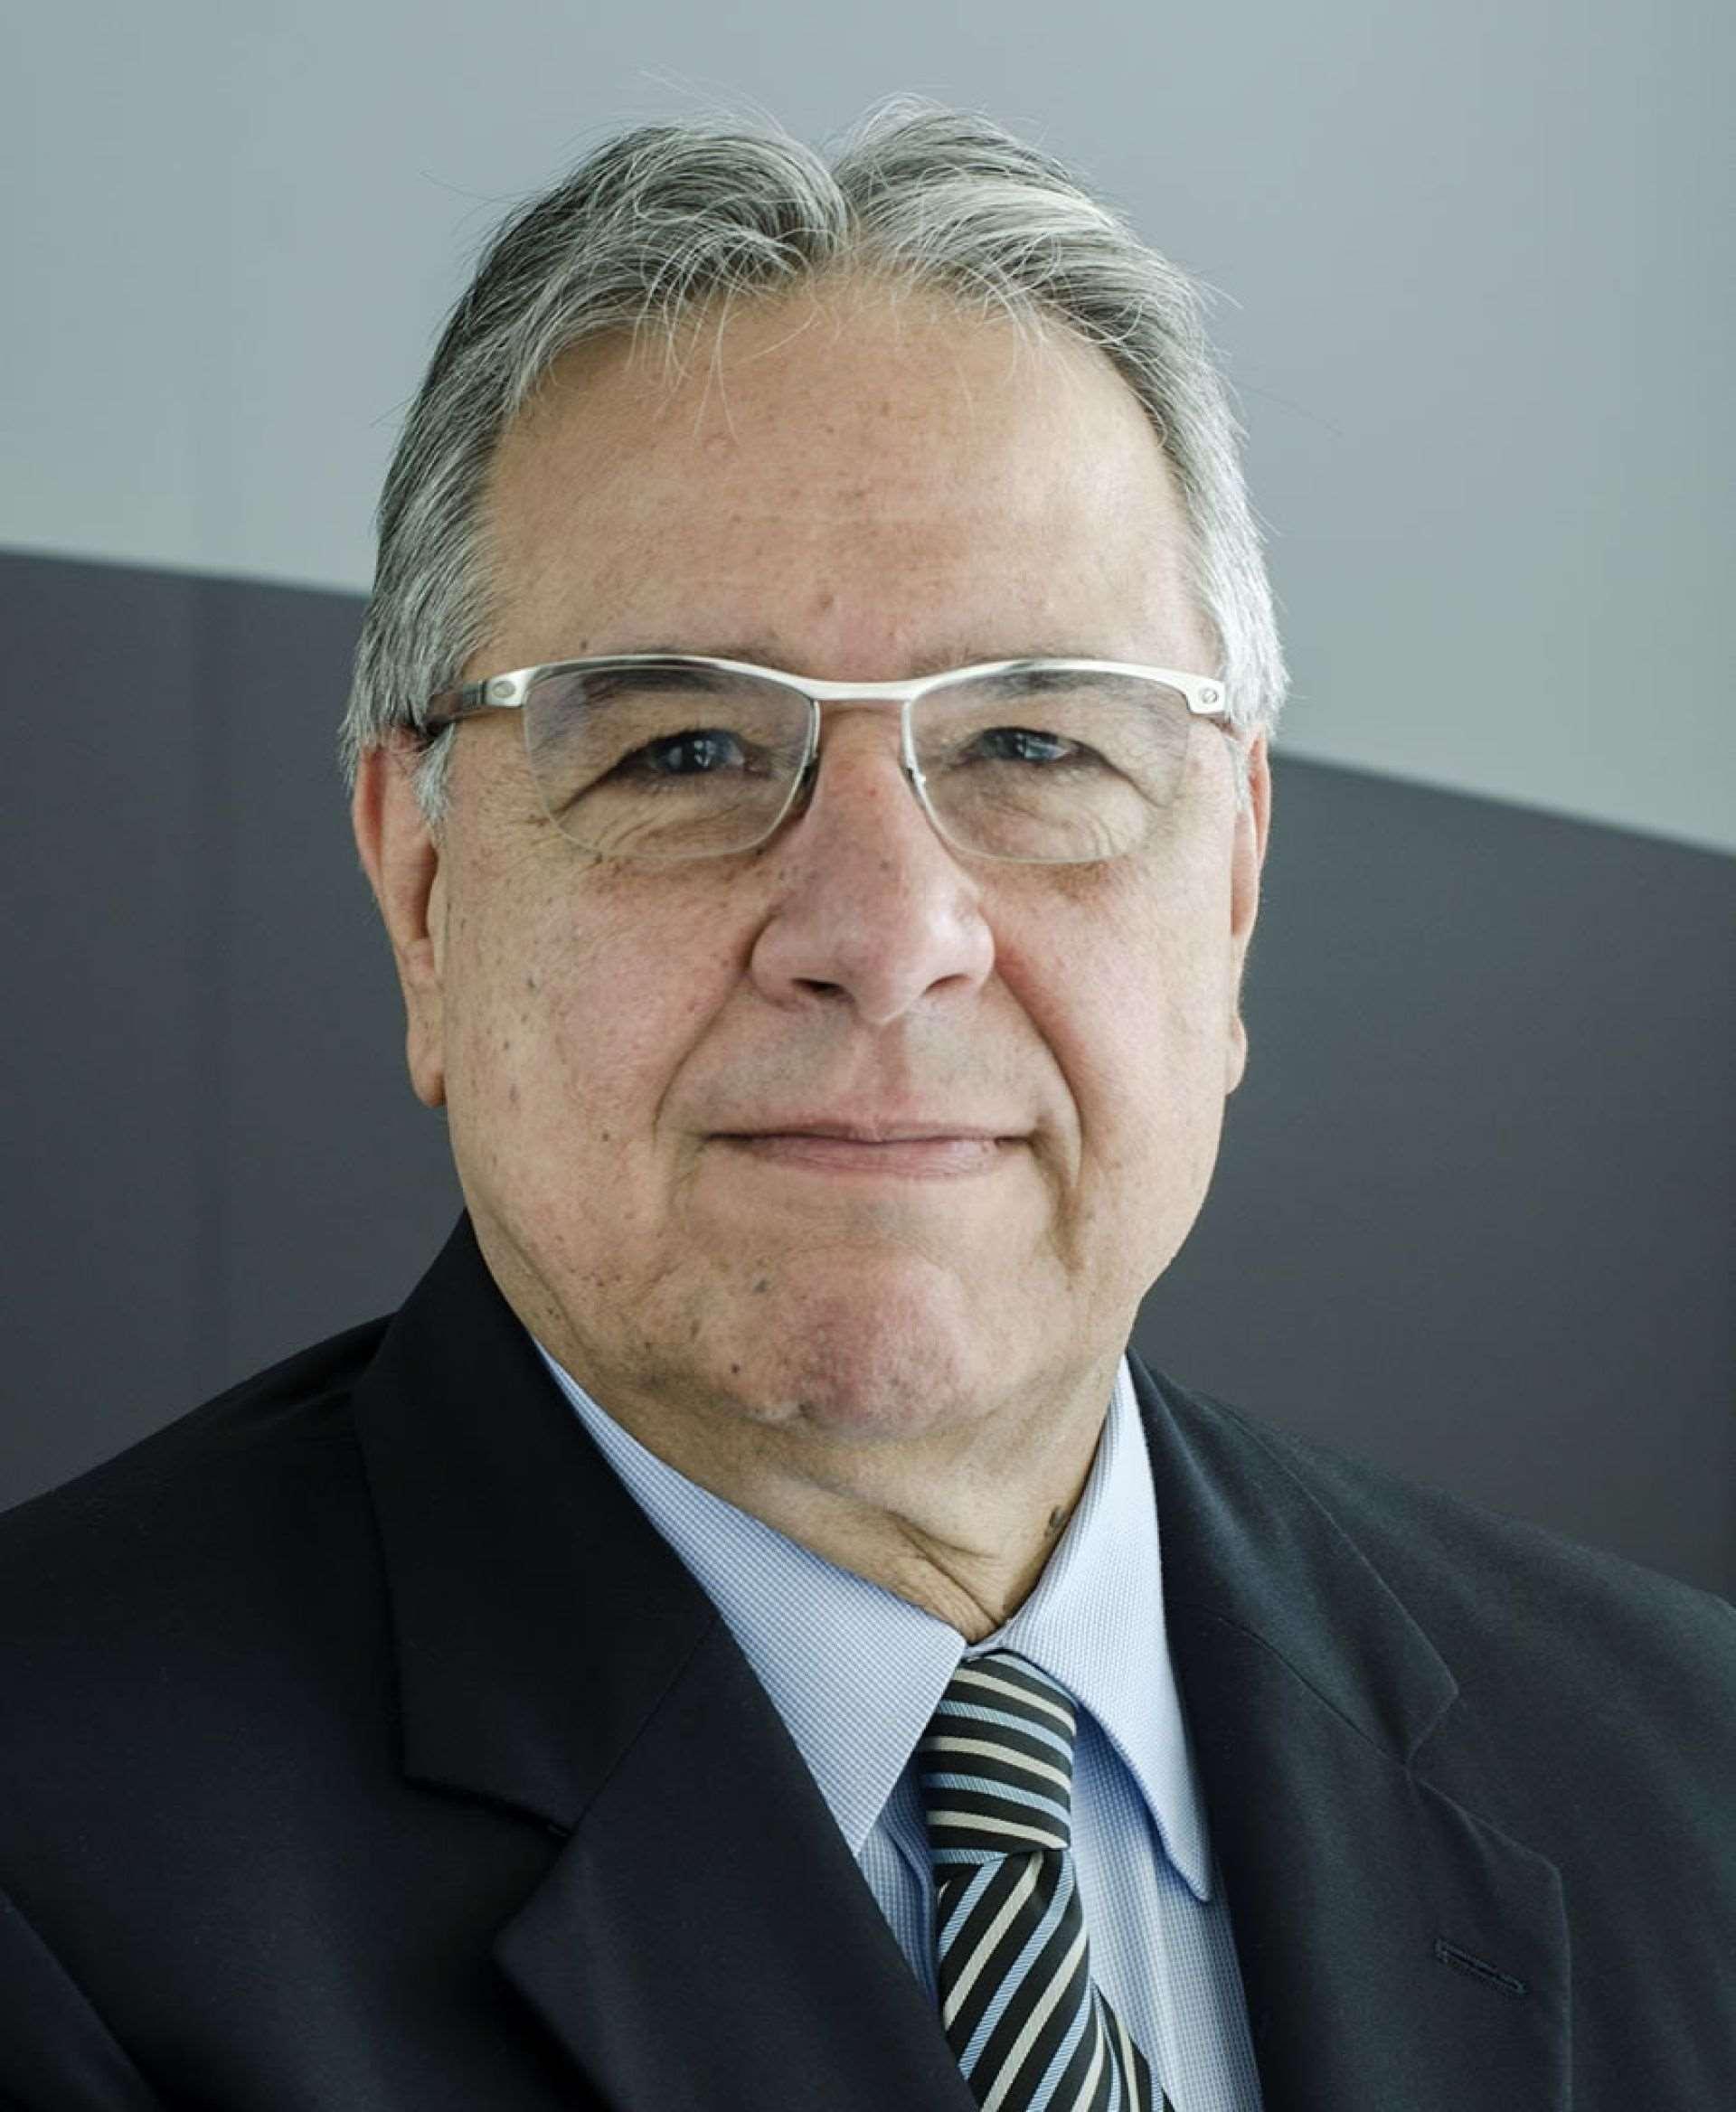 Márcio Seroa de Araújo Coriolano